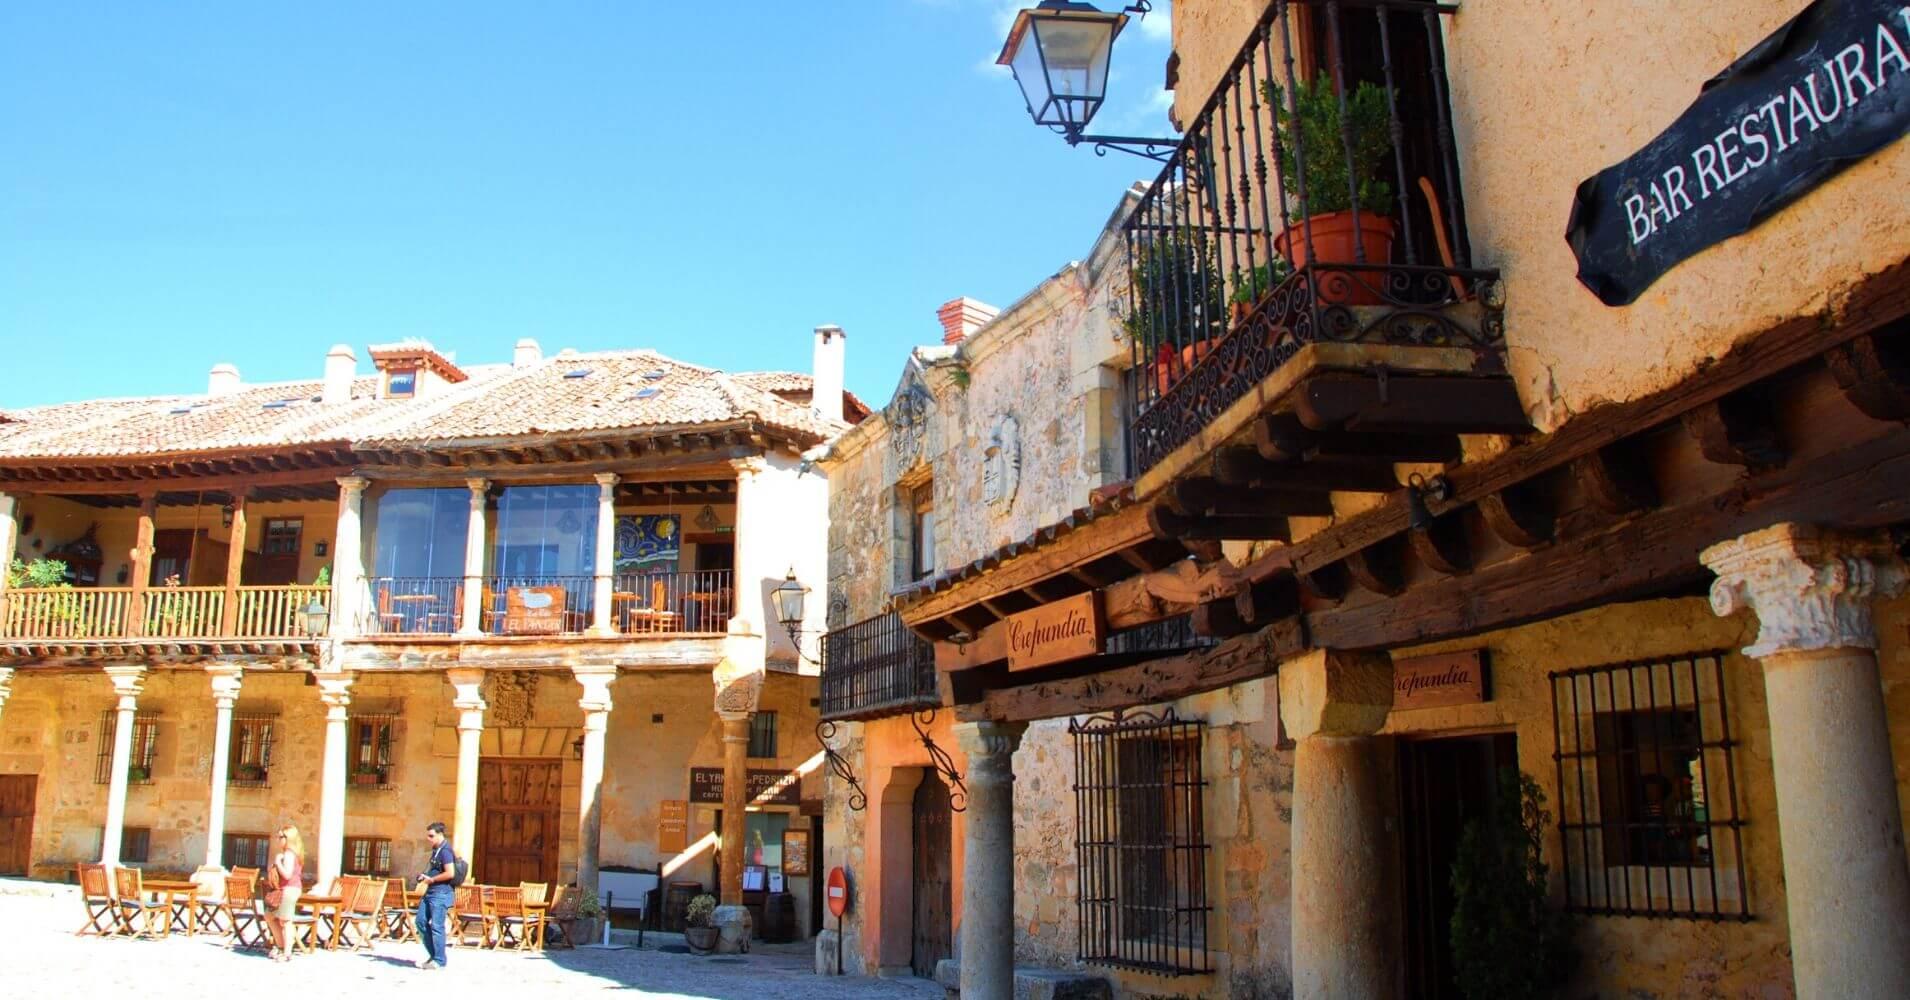 Viajar a España. Plaza Mayor de Pedraza. Segovia. Castilla y León.